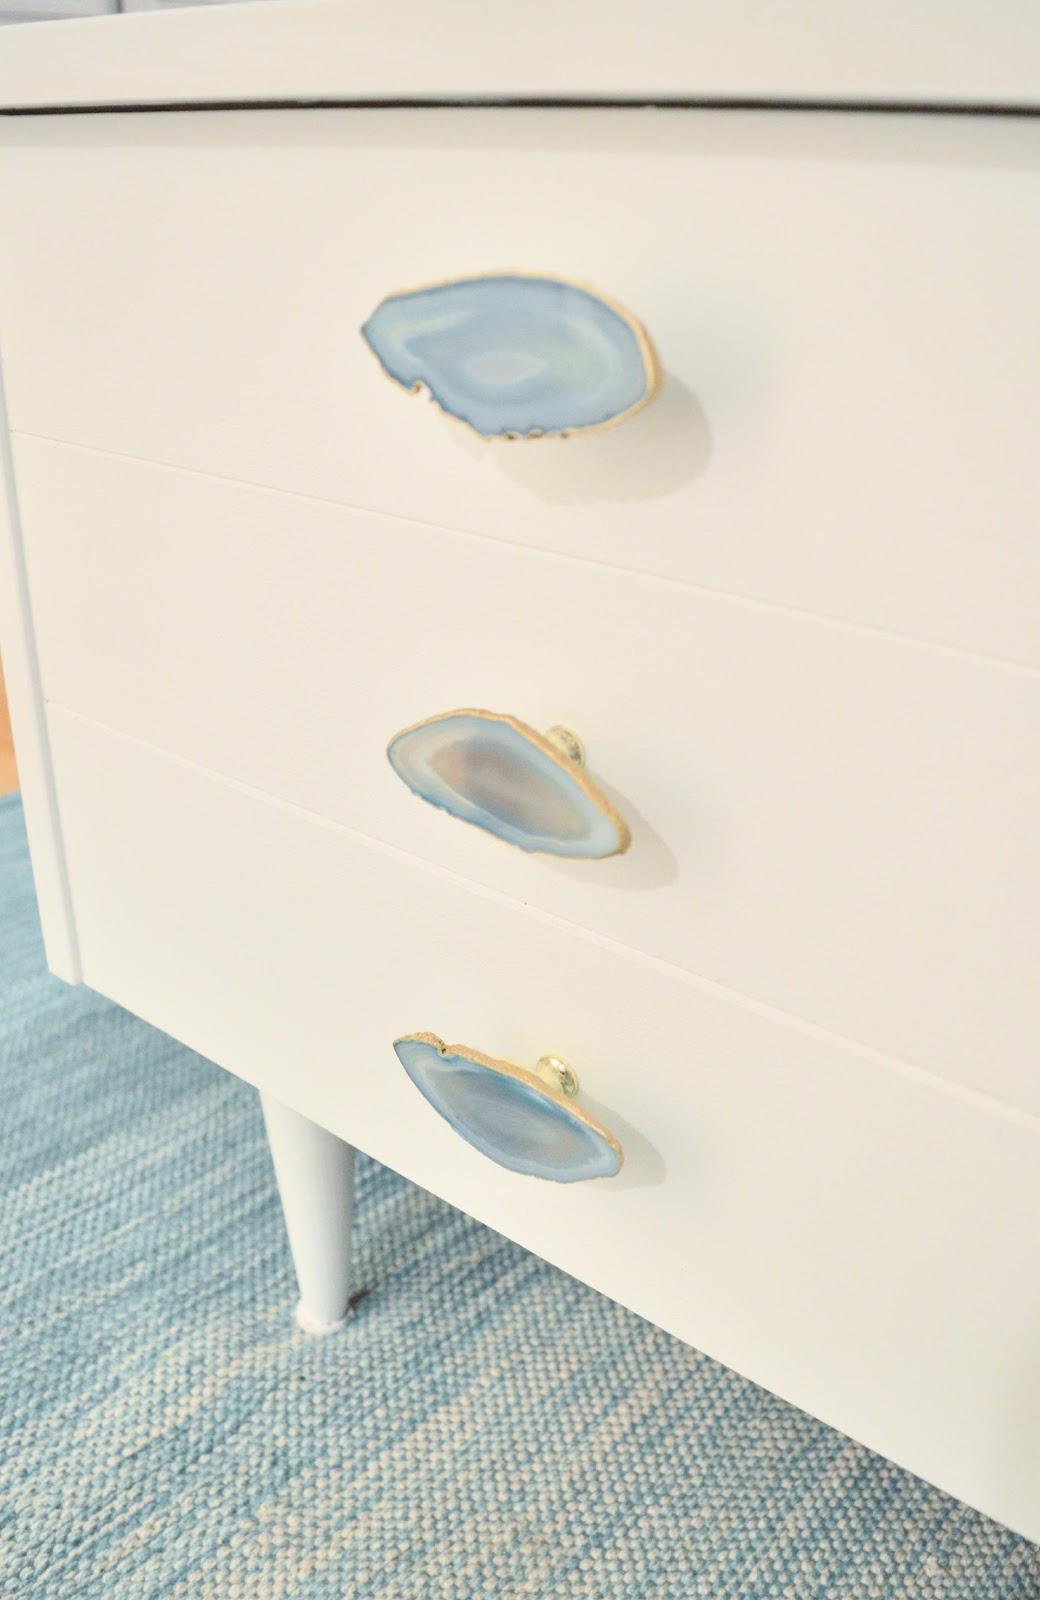 4. DIY Agate Knob by simphome.com